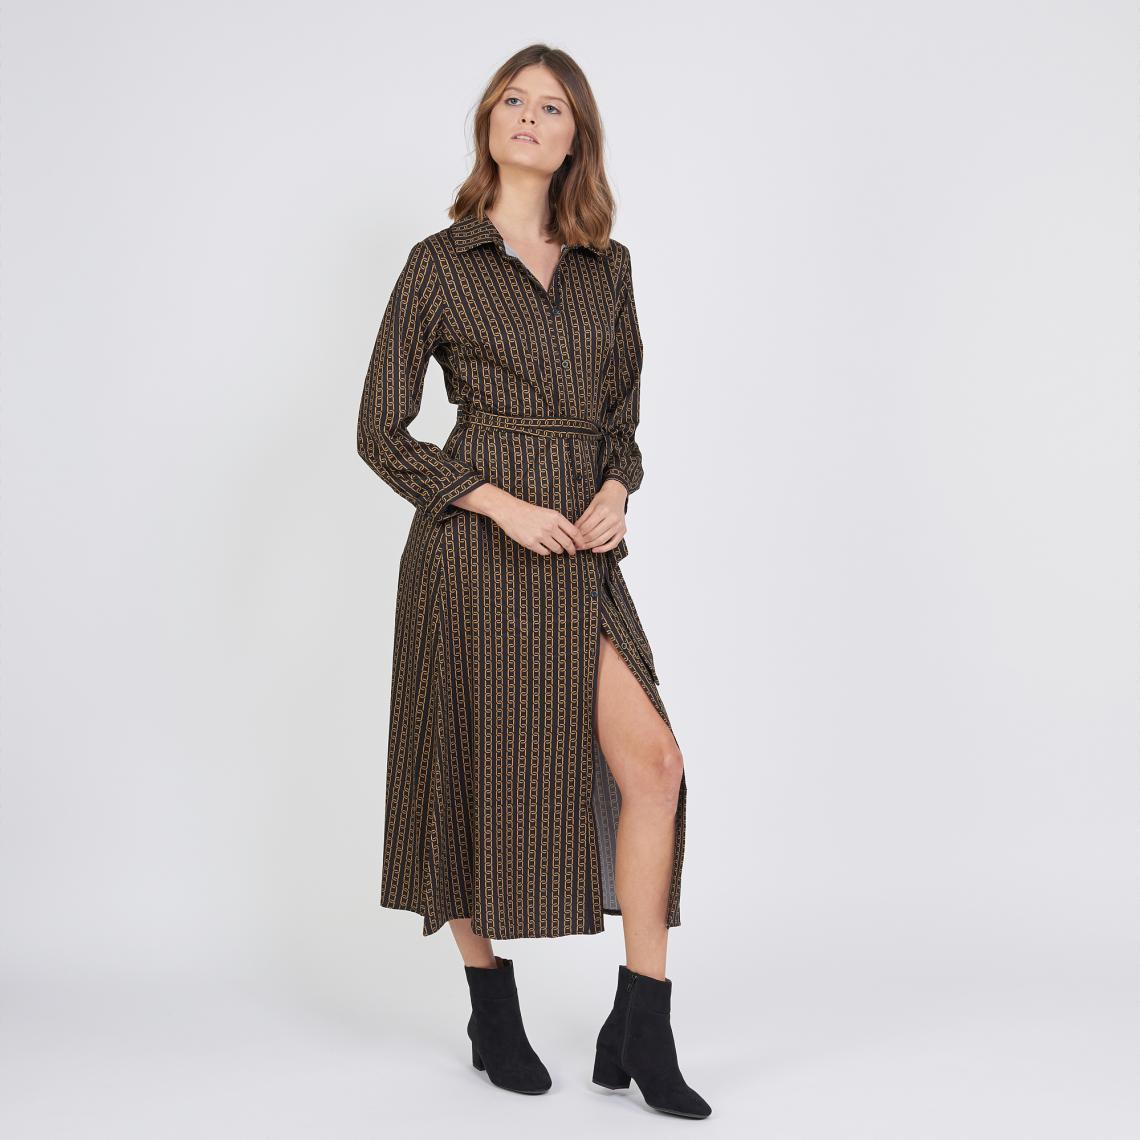 Robe chemise longue imprimée graphique Jimmy - 3 suisses - Modalova